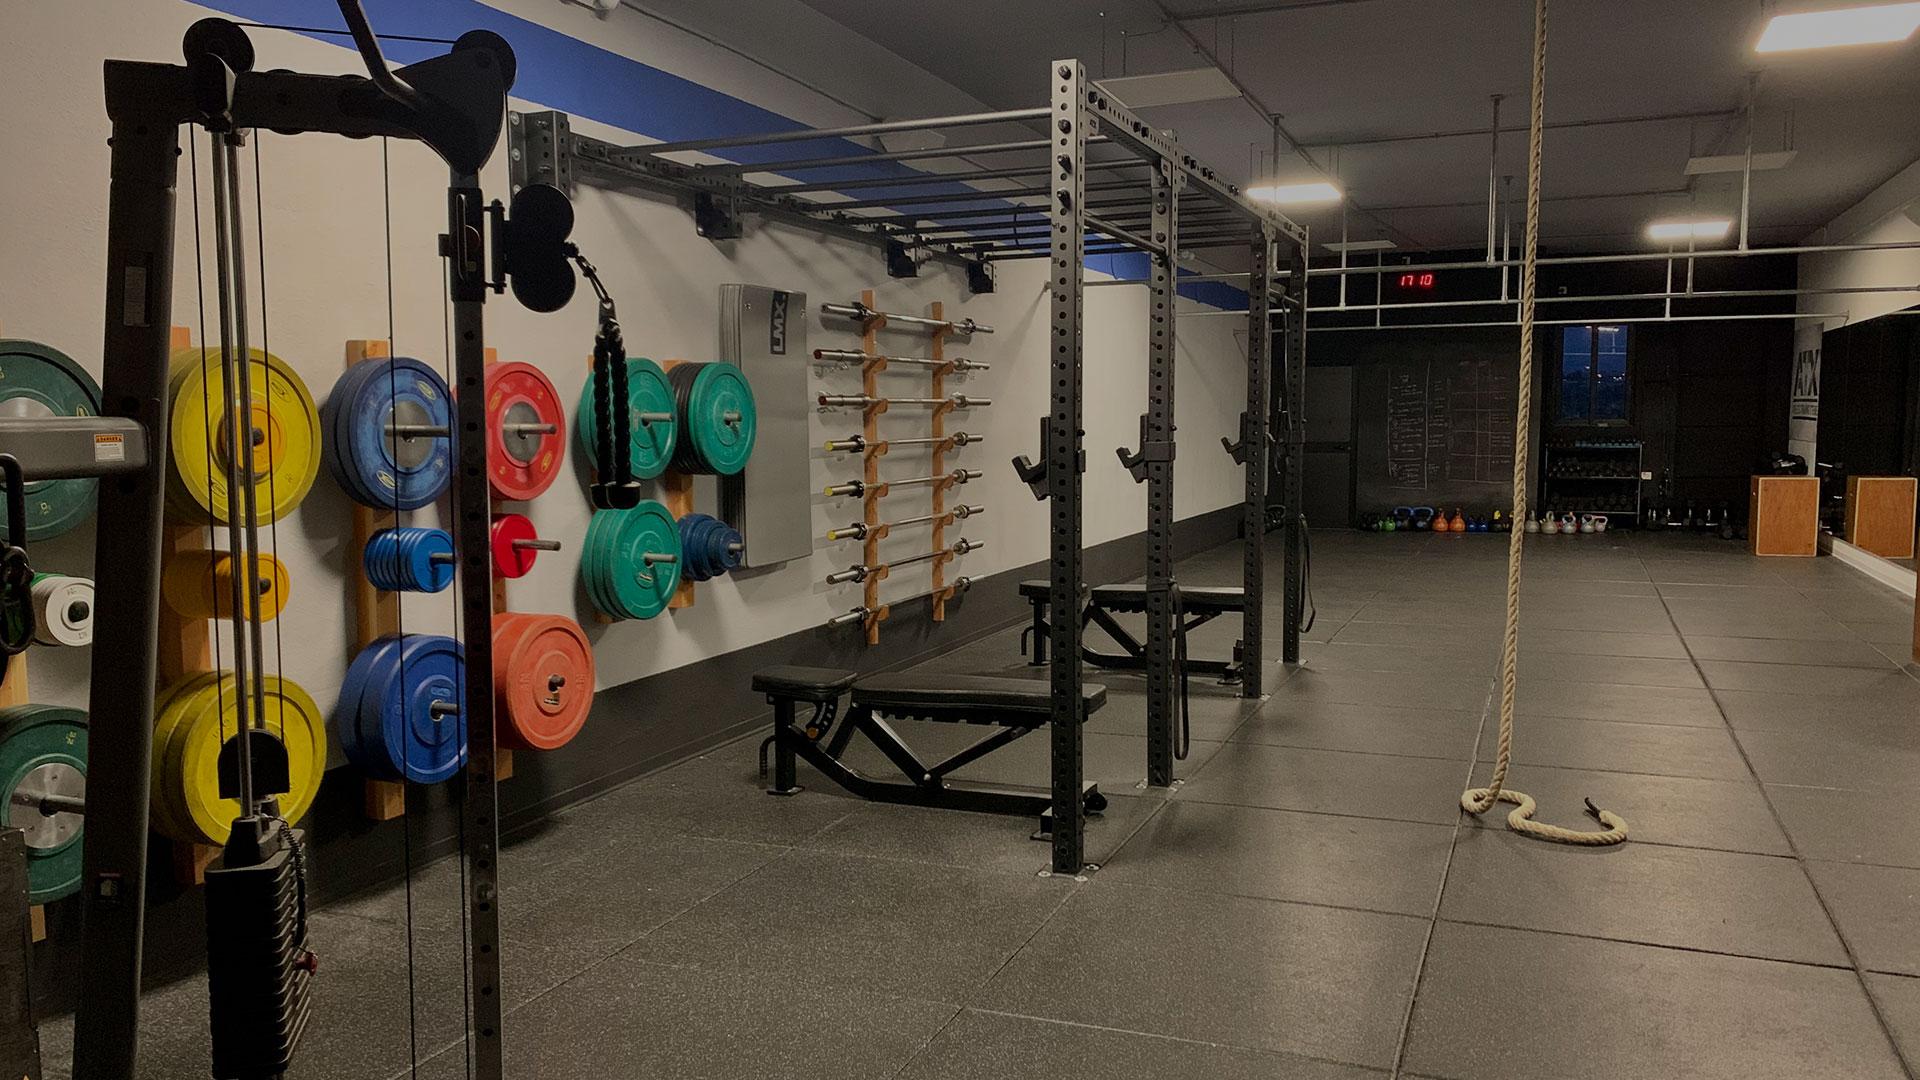 A Community Based Gym